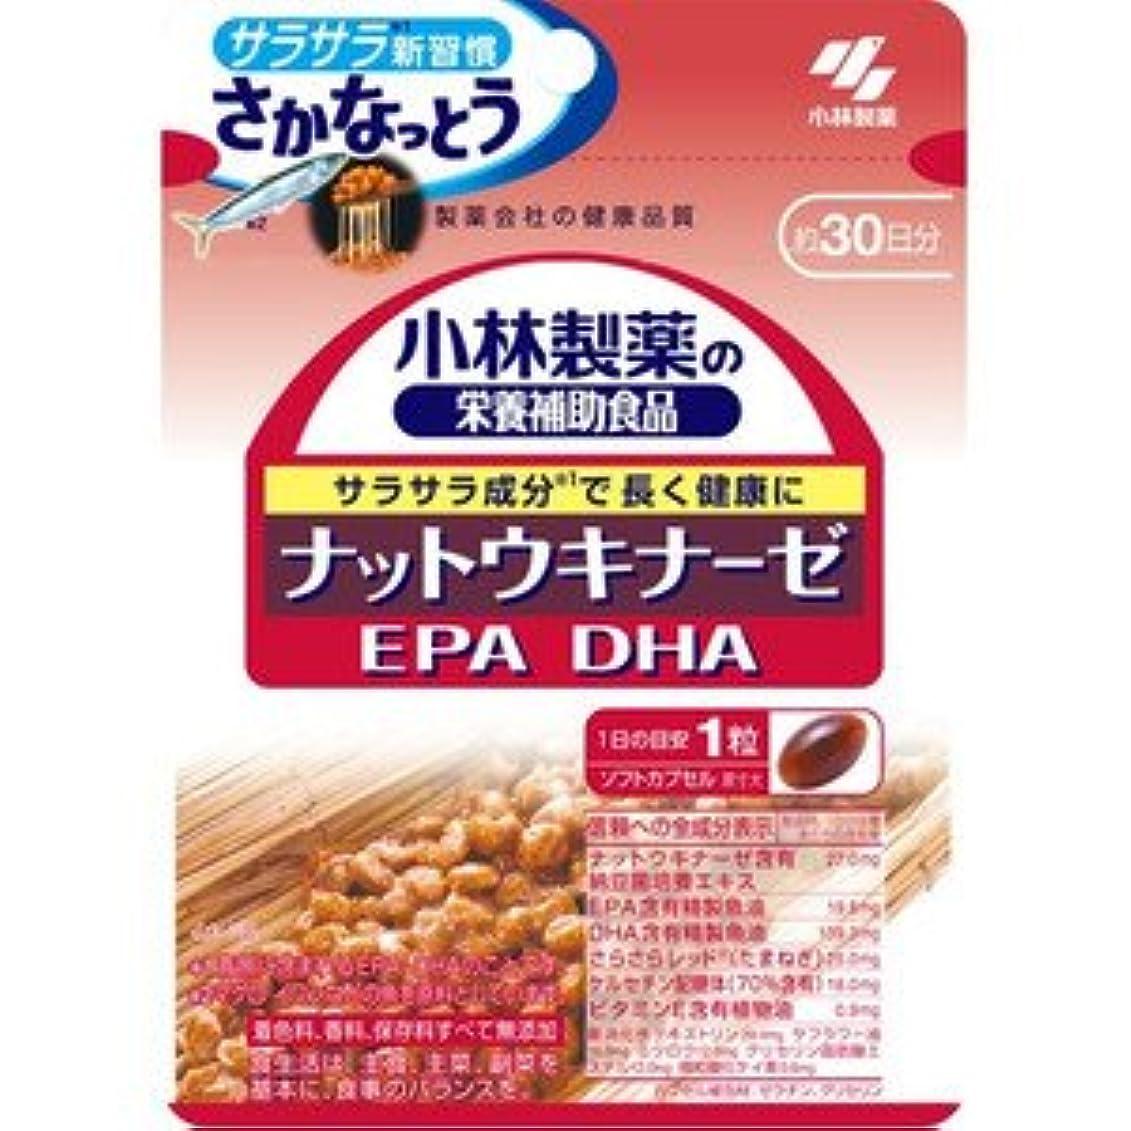 夫達成可能ラッドヤードキップリング【小林製薬】ナットウキナーゼ (EPA/DHA) 30粒(お買い得3個セット)